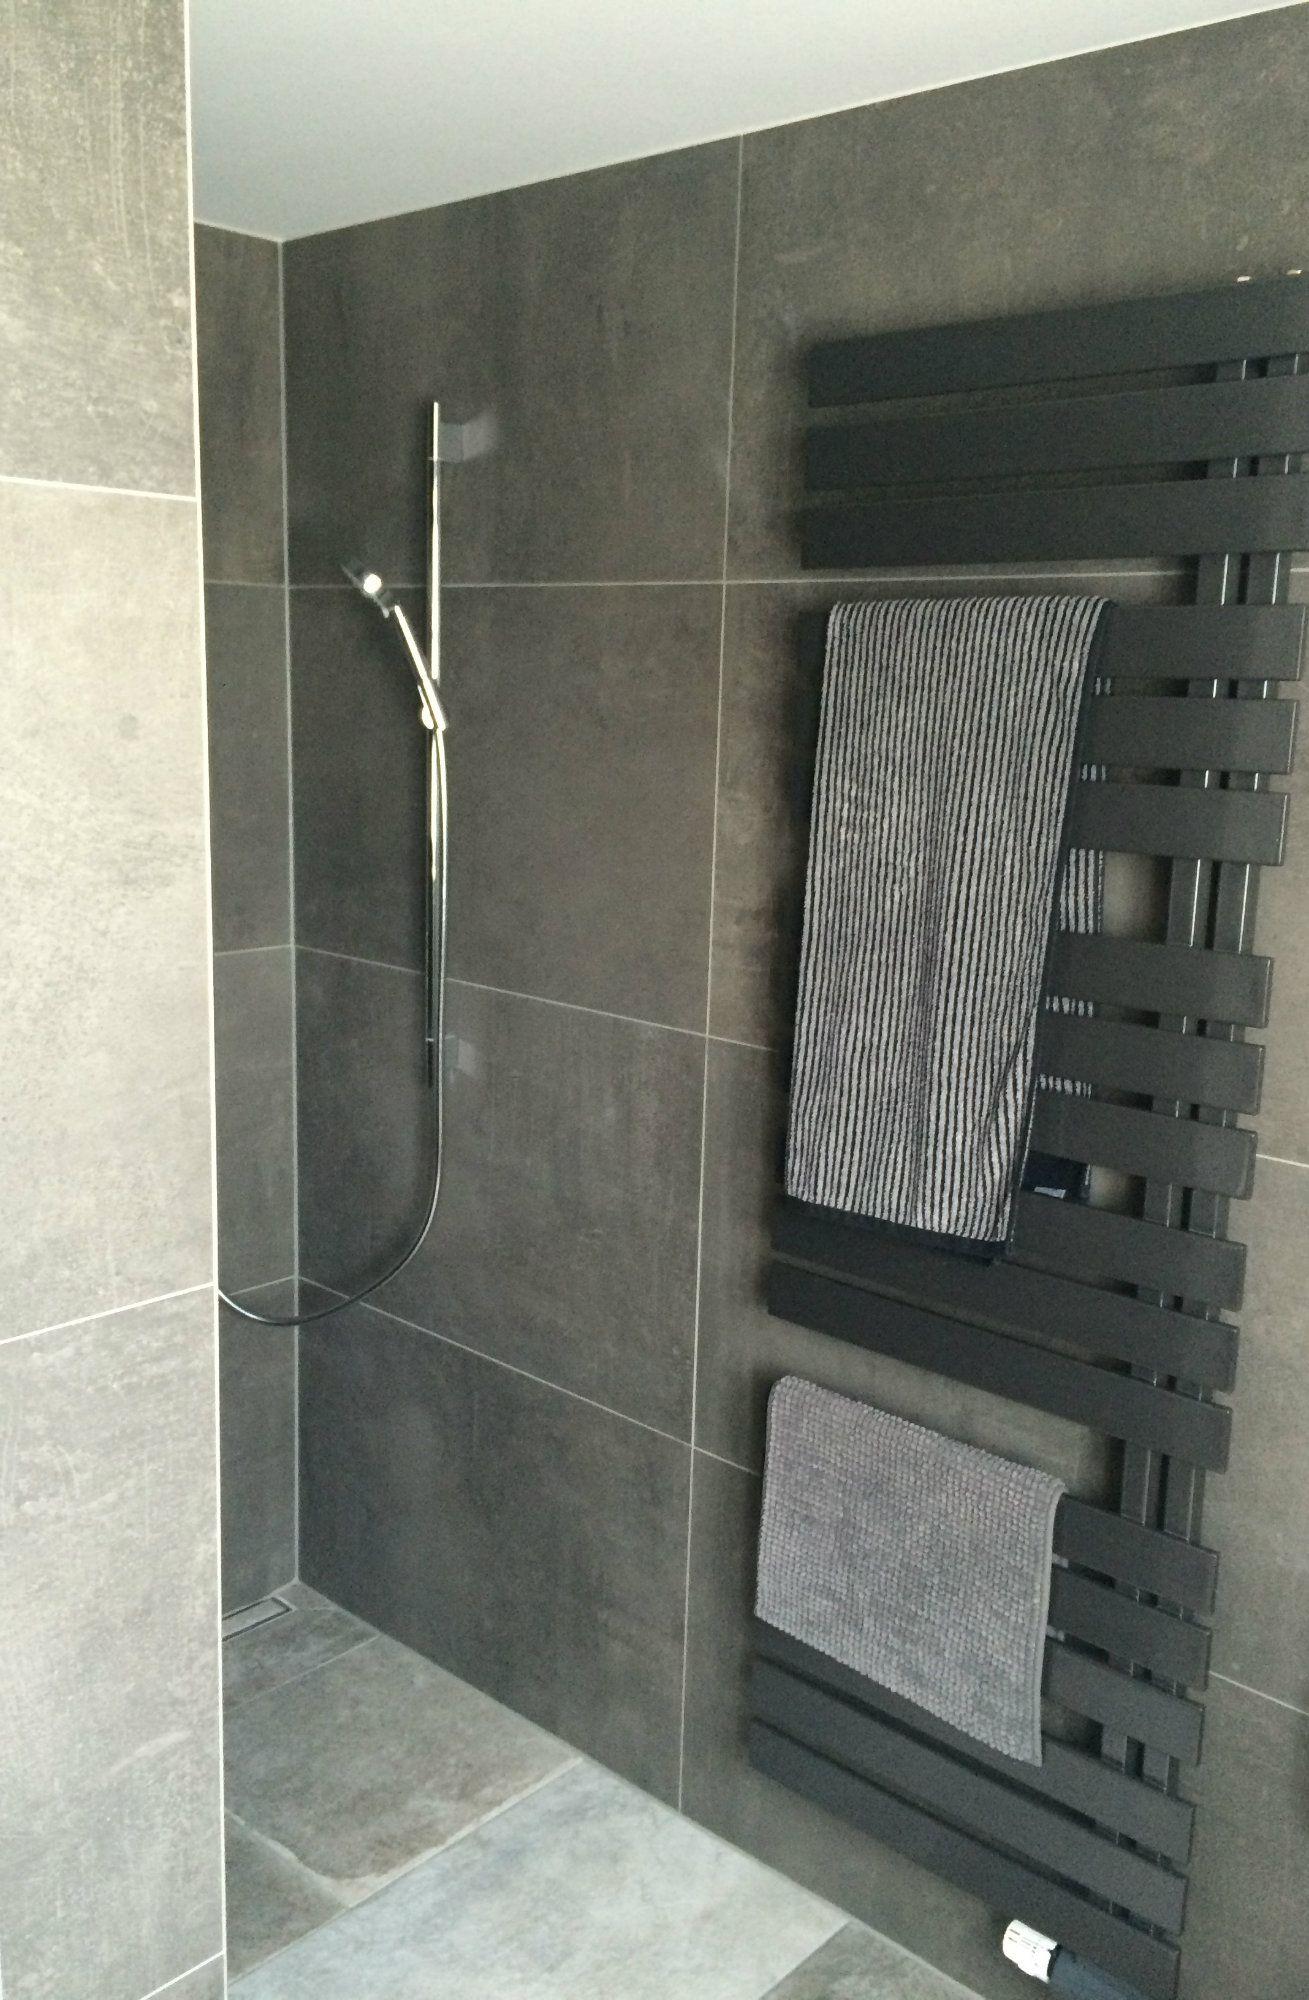 altersgerechtes duschbad sch n wohnen pinterest. Black Bedroom Furniture Sets. Home Design Ideas